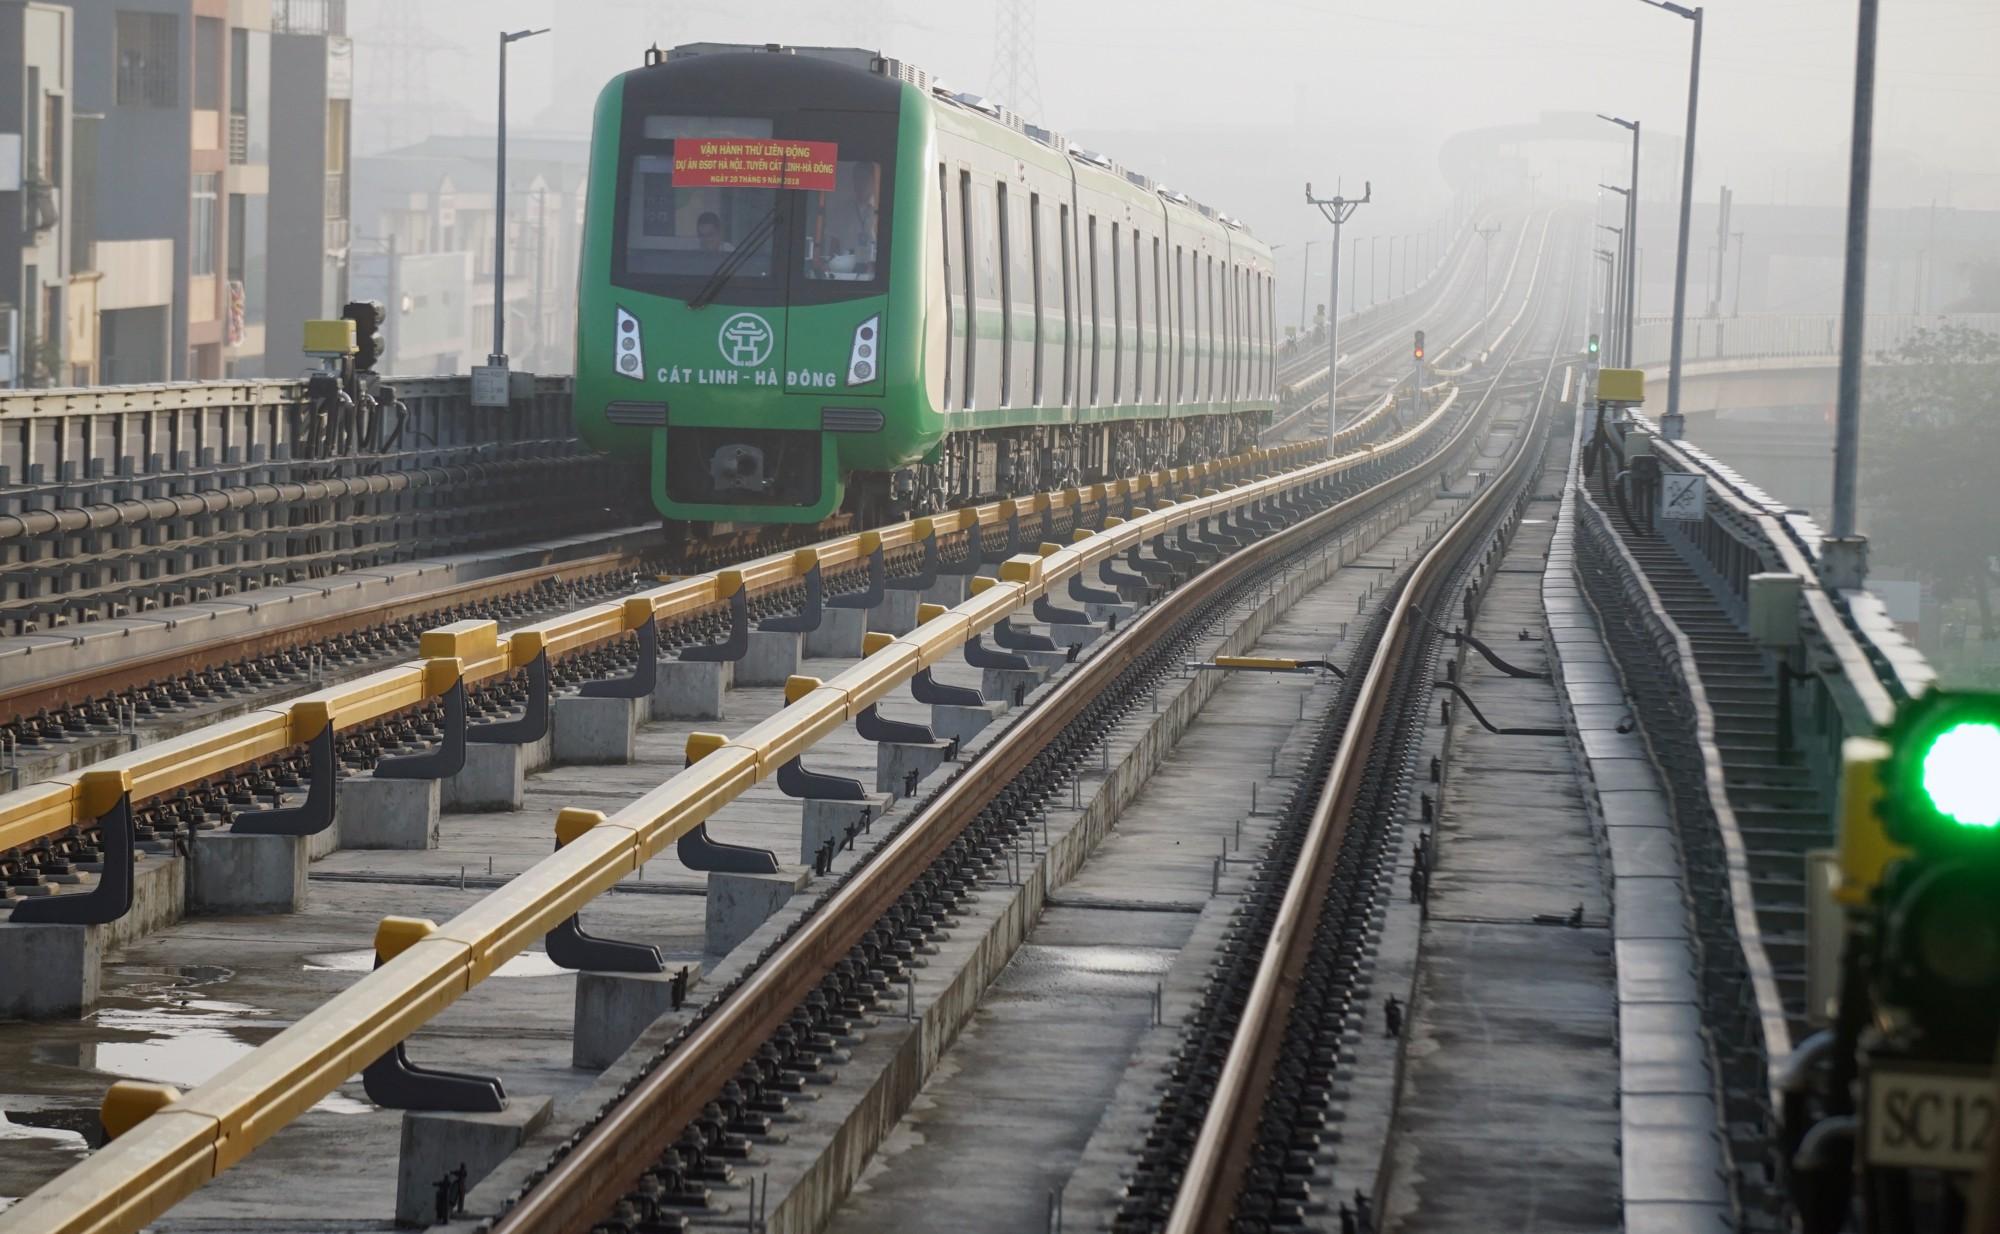 Thời gian dự kiến chuyển giao dự án đường sắt đô thị Cát Linh – Hà Đông vào cuối năm 2019 khó khả thi.